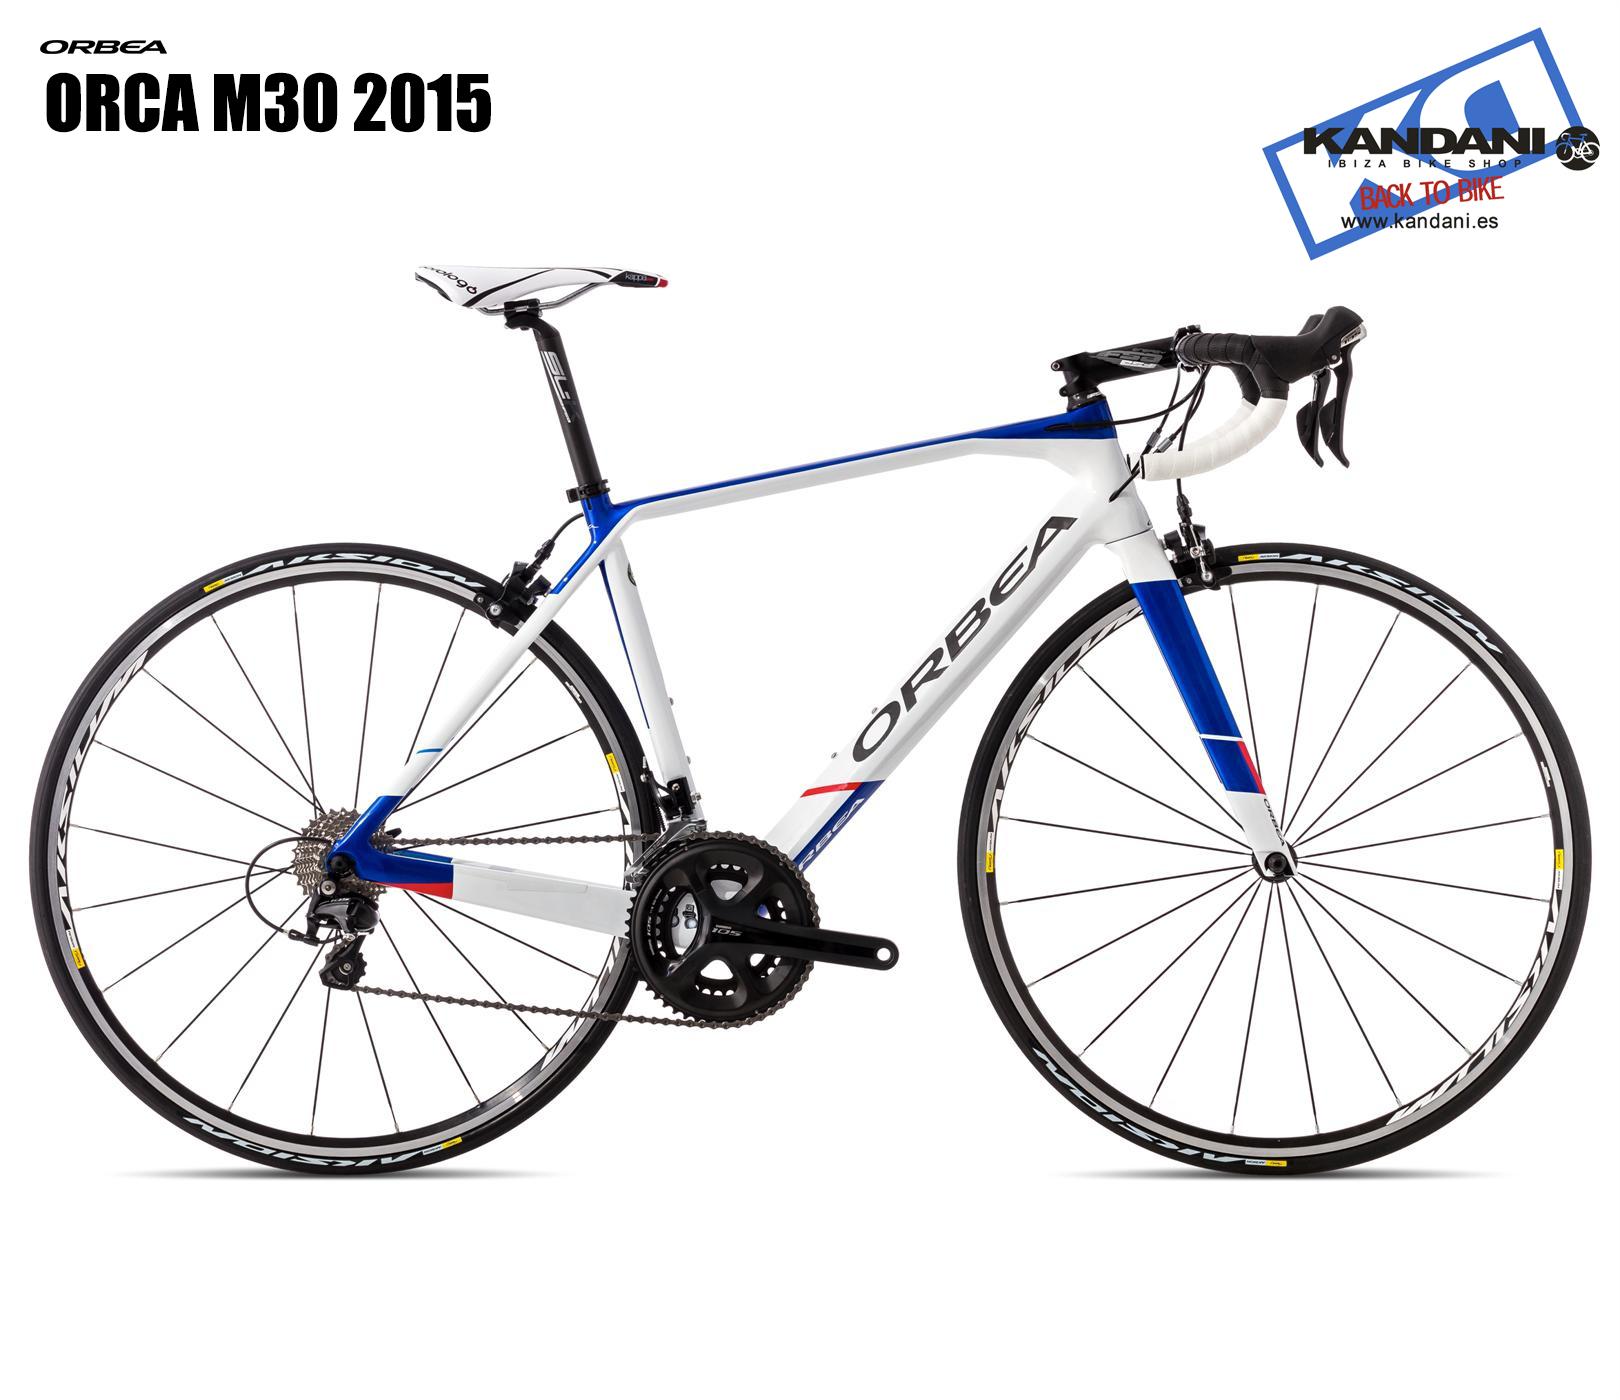 D117TTCC-F4-SIDE-ORCA M30